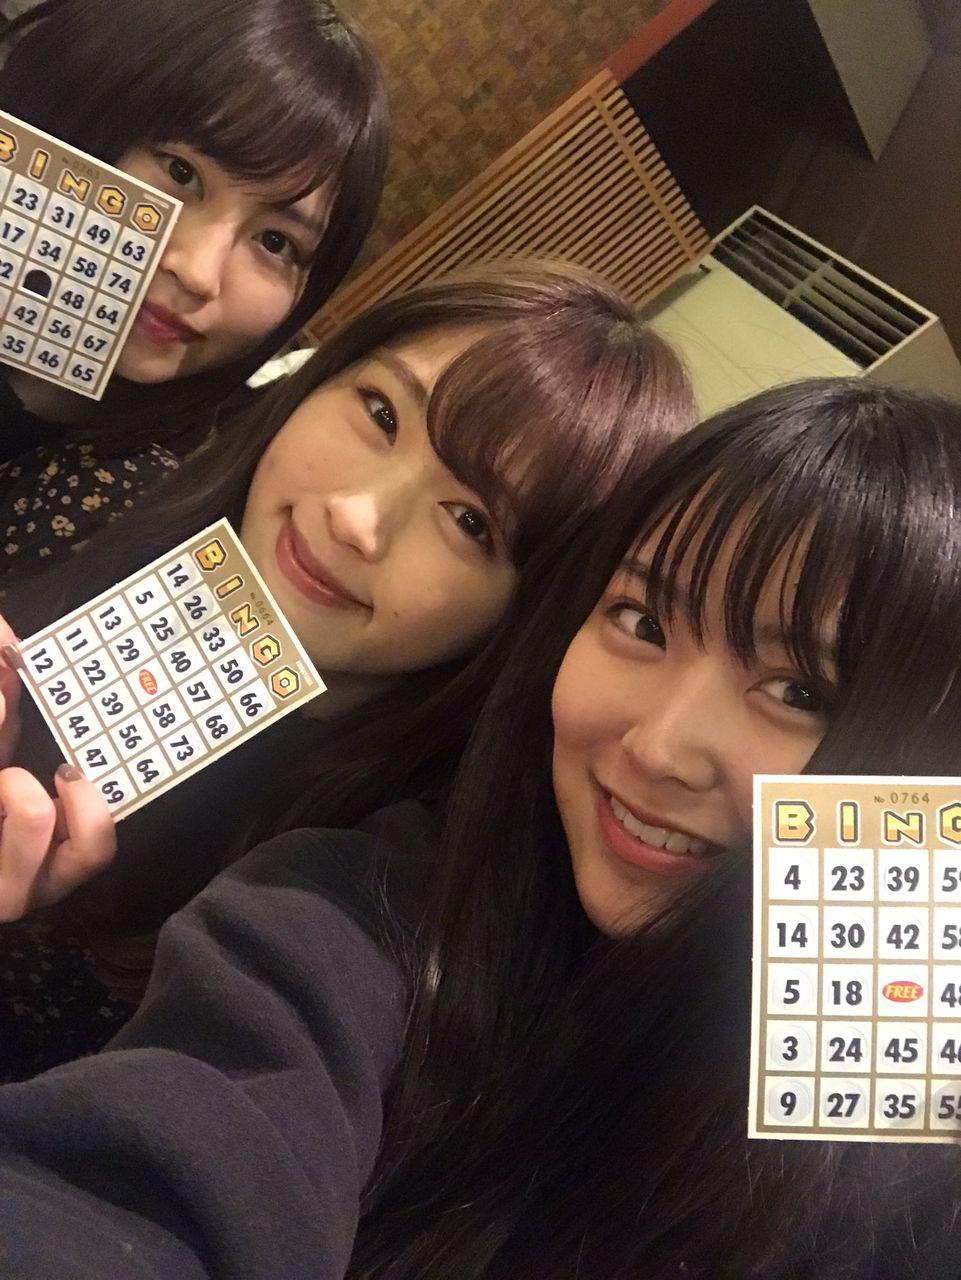 チキチキ!!NMB48新年会ビンゴ大会2018 AKB48SHOW出演権 ほか豪華景品一覧キタ━━(゚∀゚)━━!!